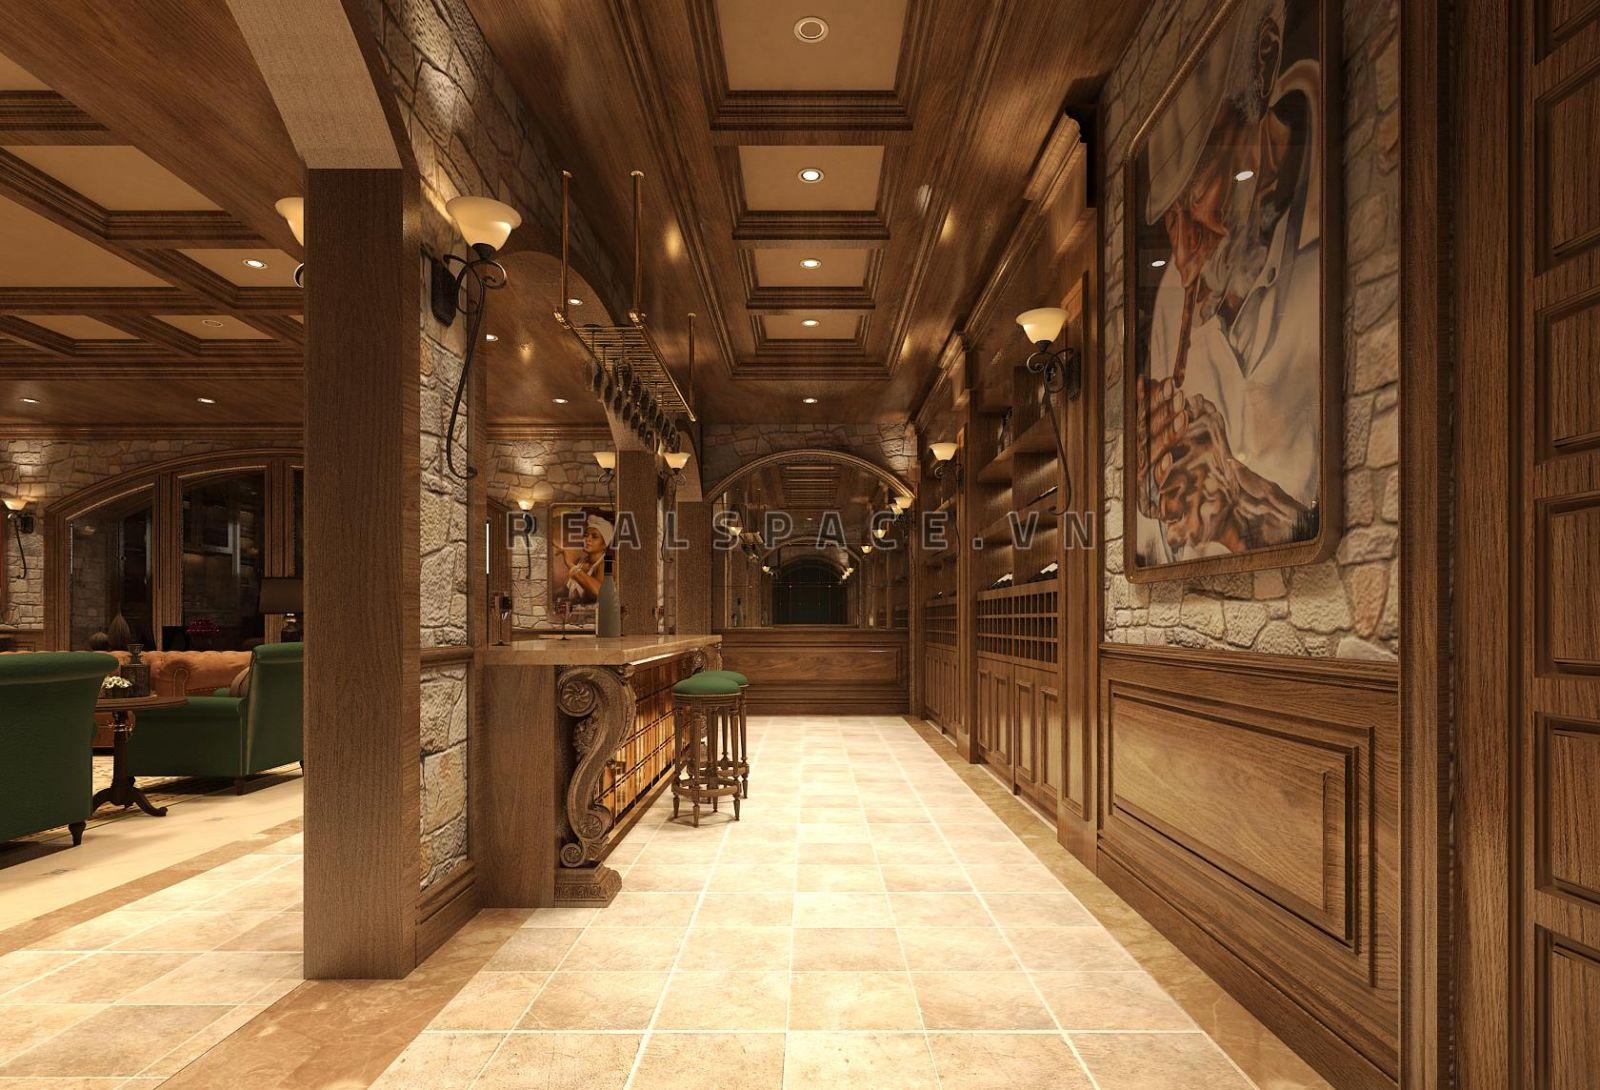 Thiết kế nội thất biệt thự tân cổ điển tại Thái Nguyên